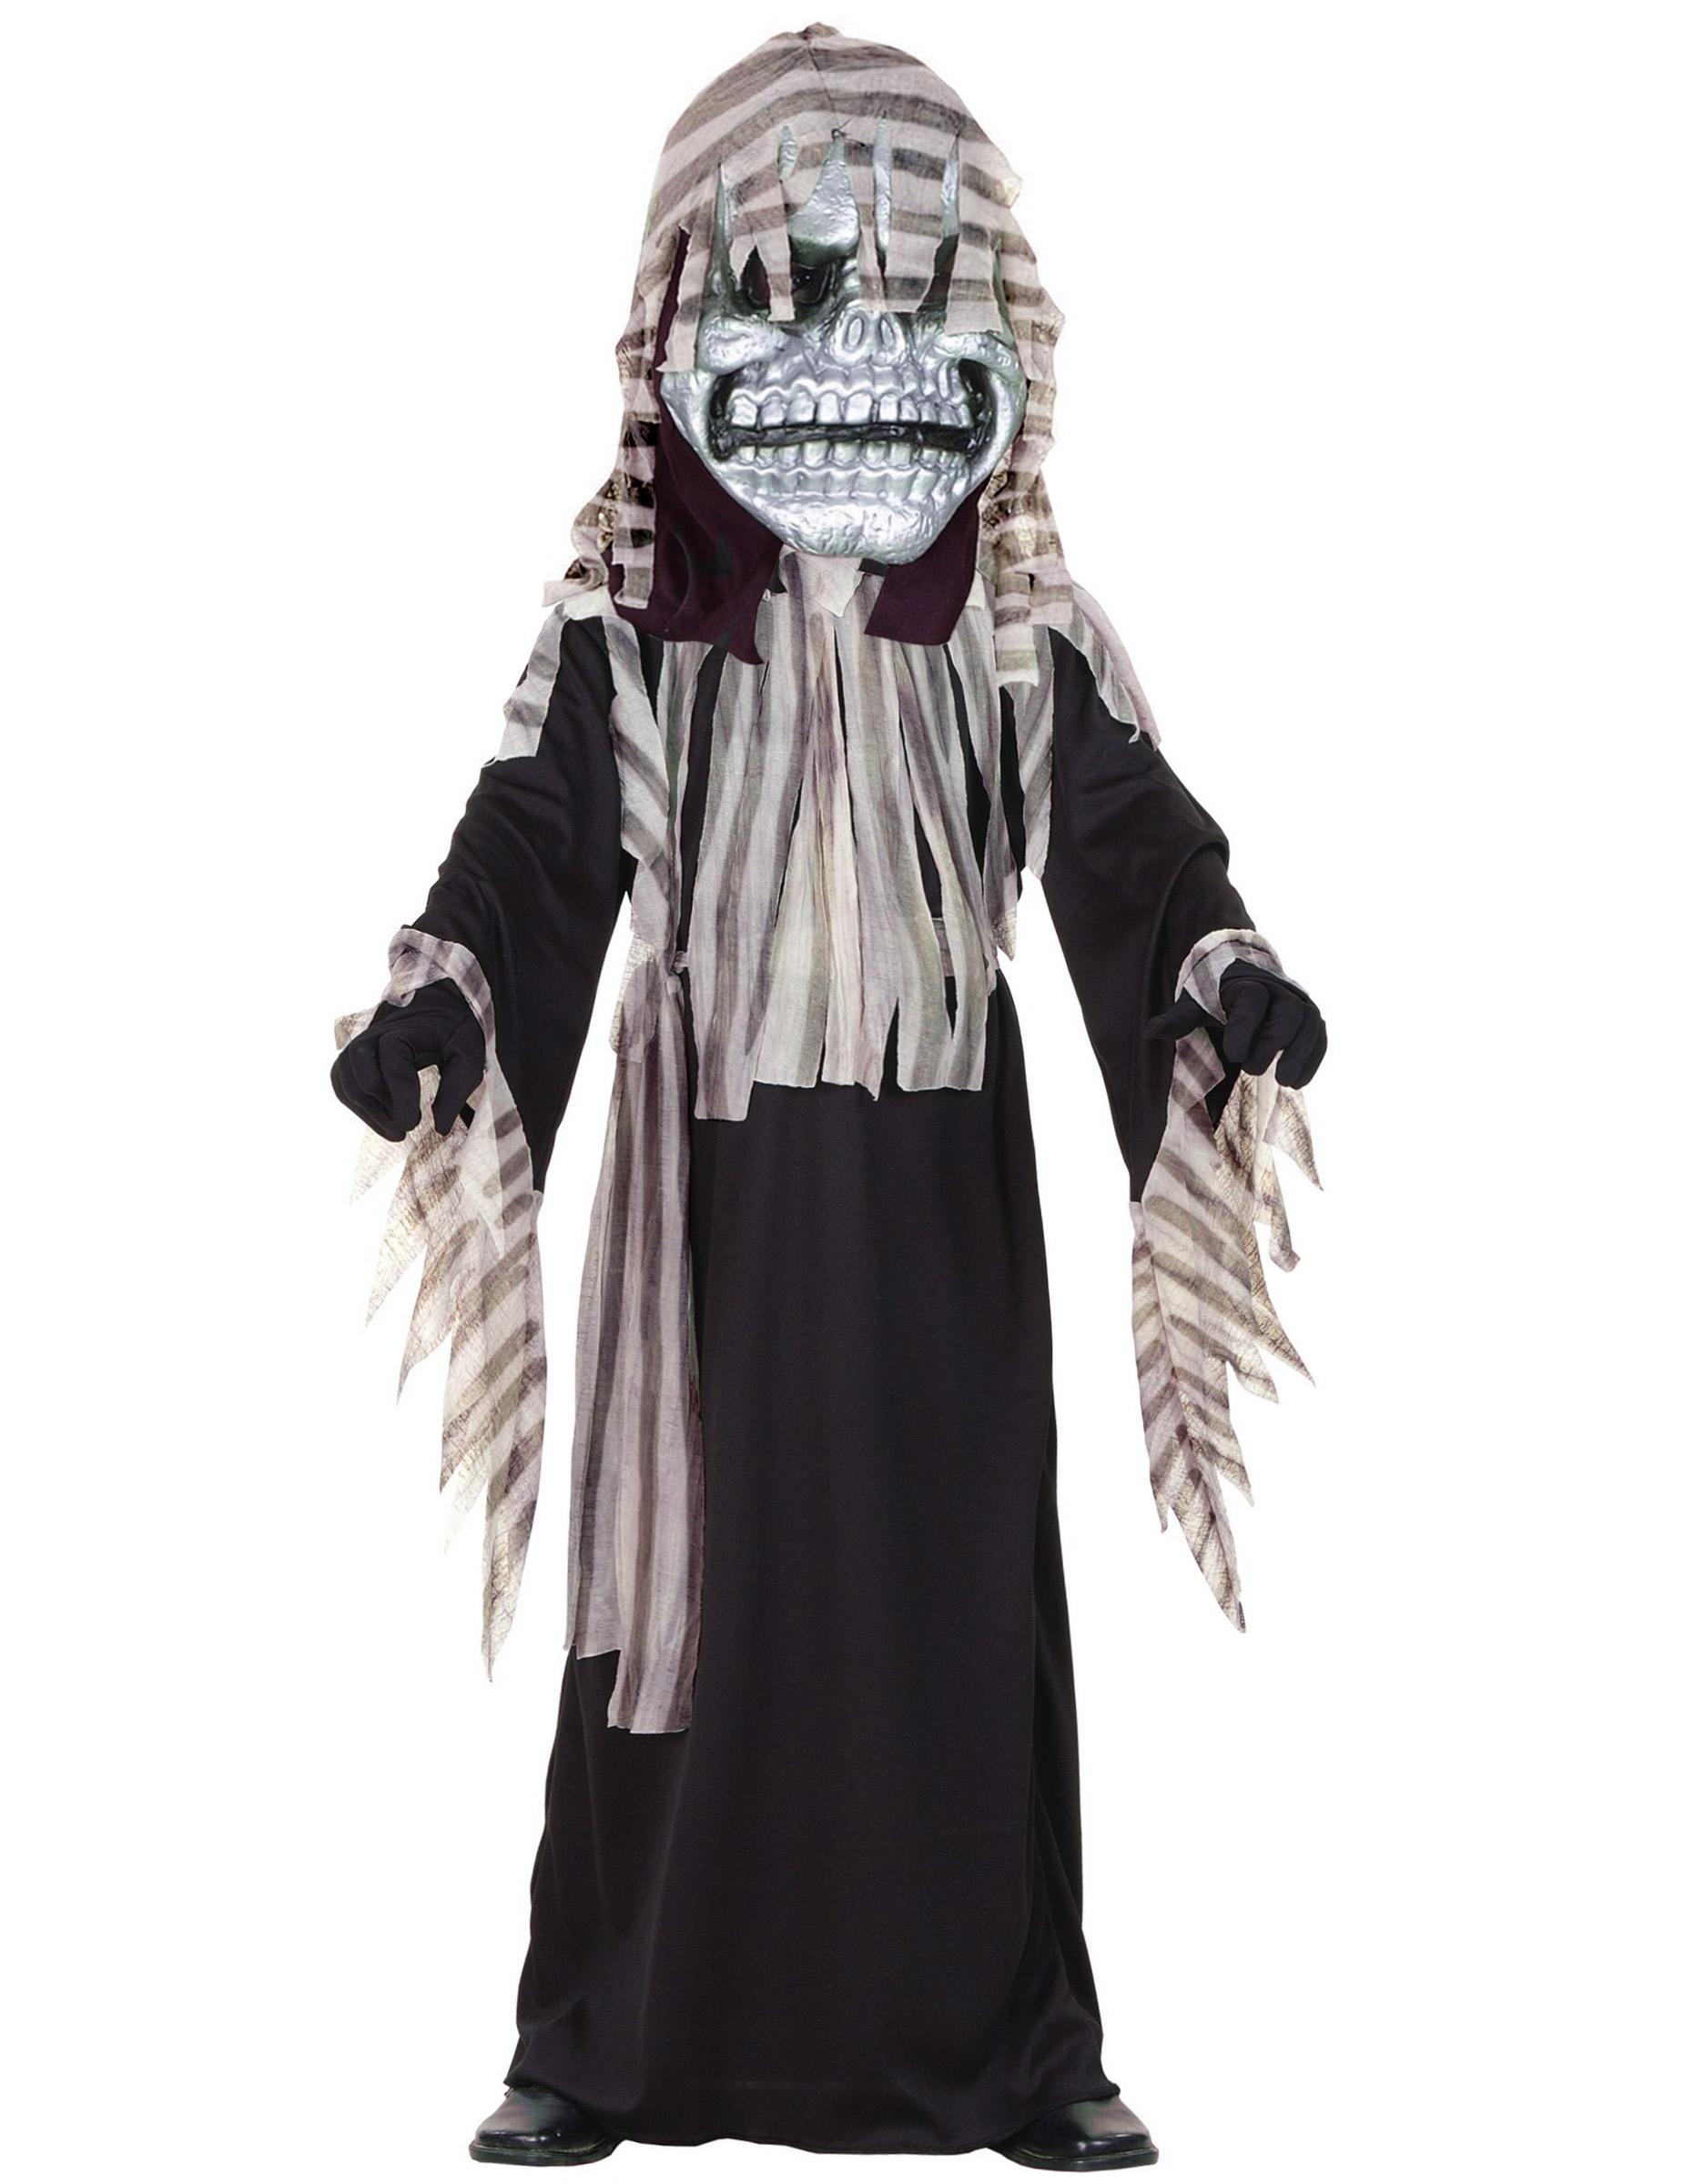 Monster Kostuem Fuer Jungen.Halloween Monster Kostum Fur Jungen Schreckliche Halloween Angebote Bei Vegaoo